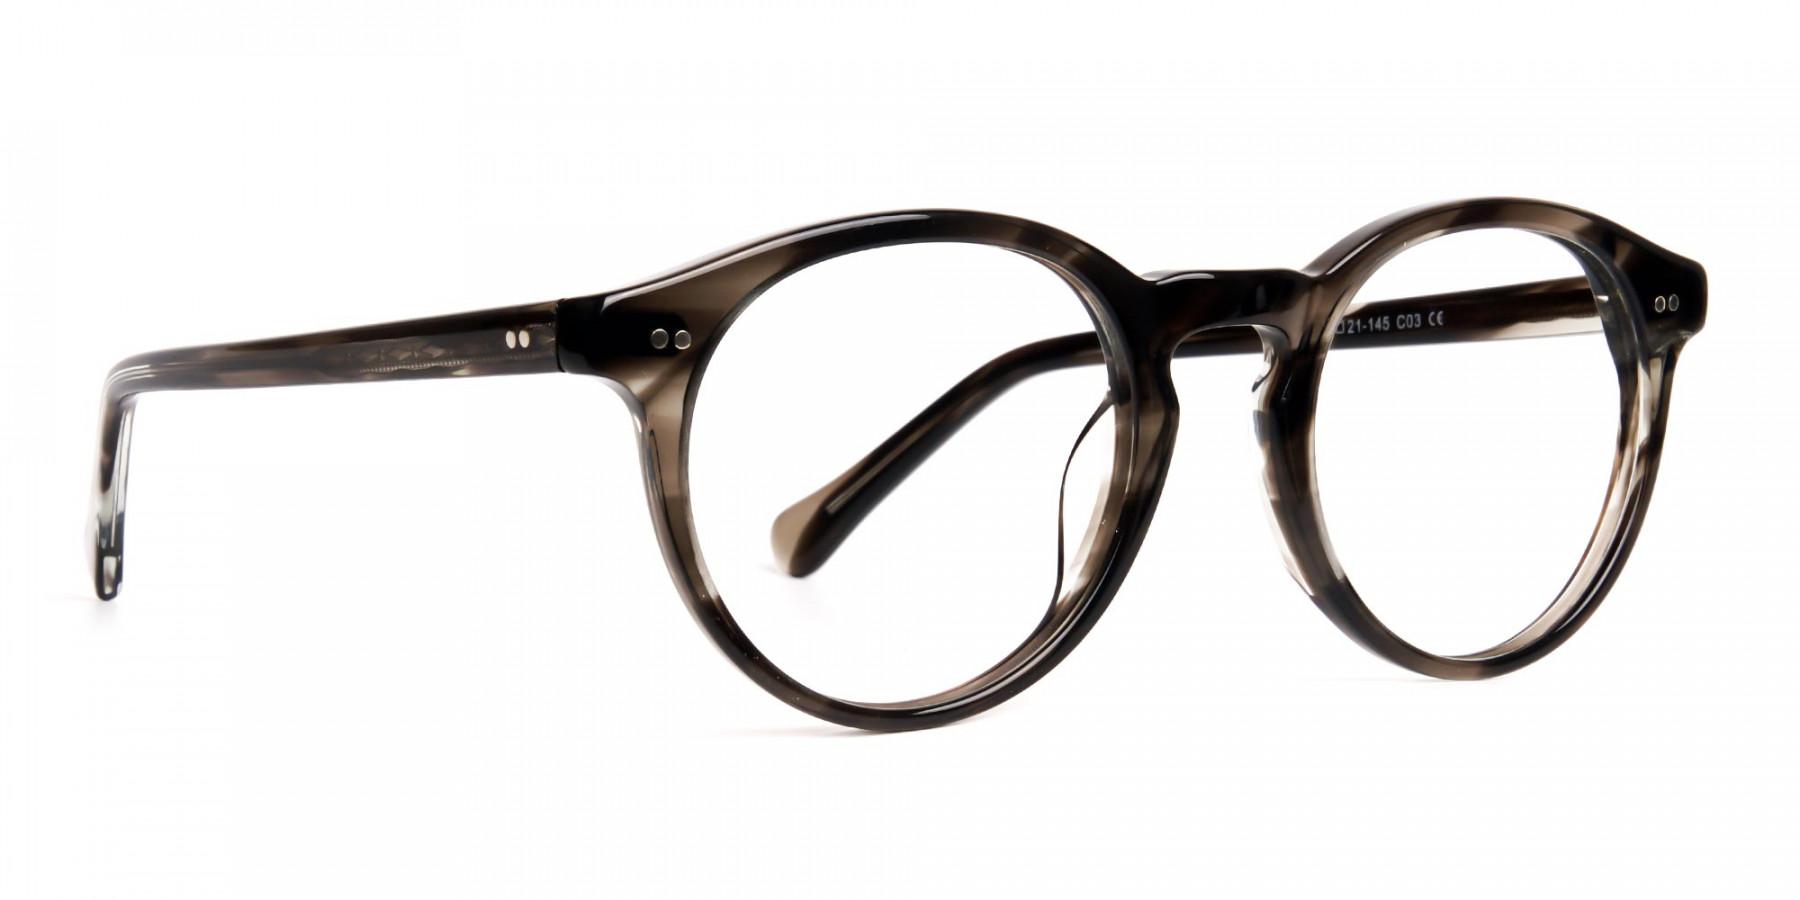 dark-marble-grey-full-rim-glasses-frames-1